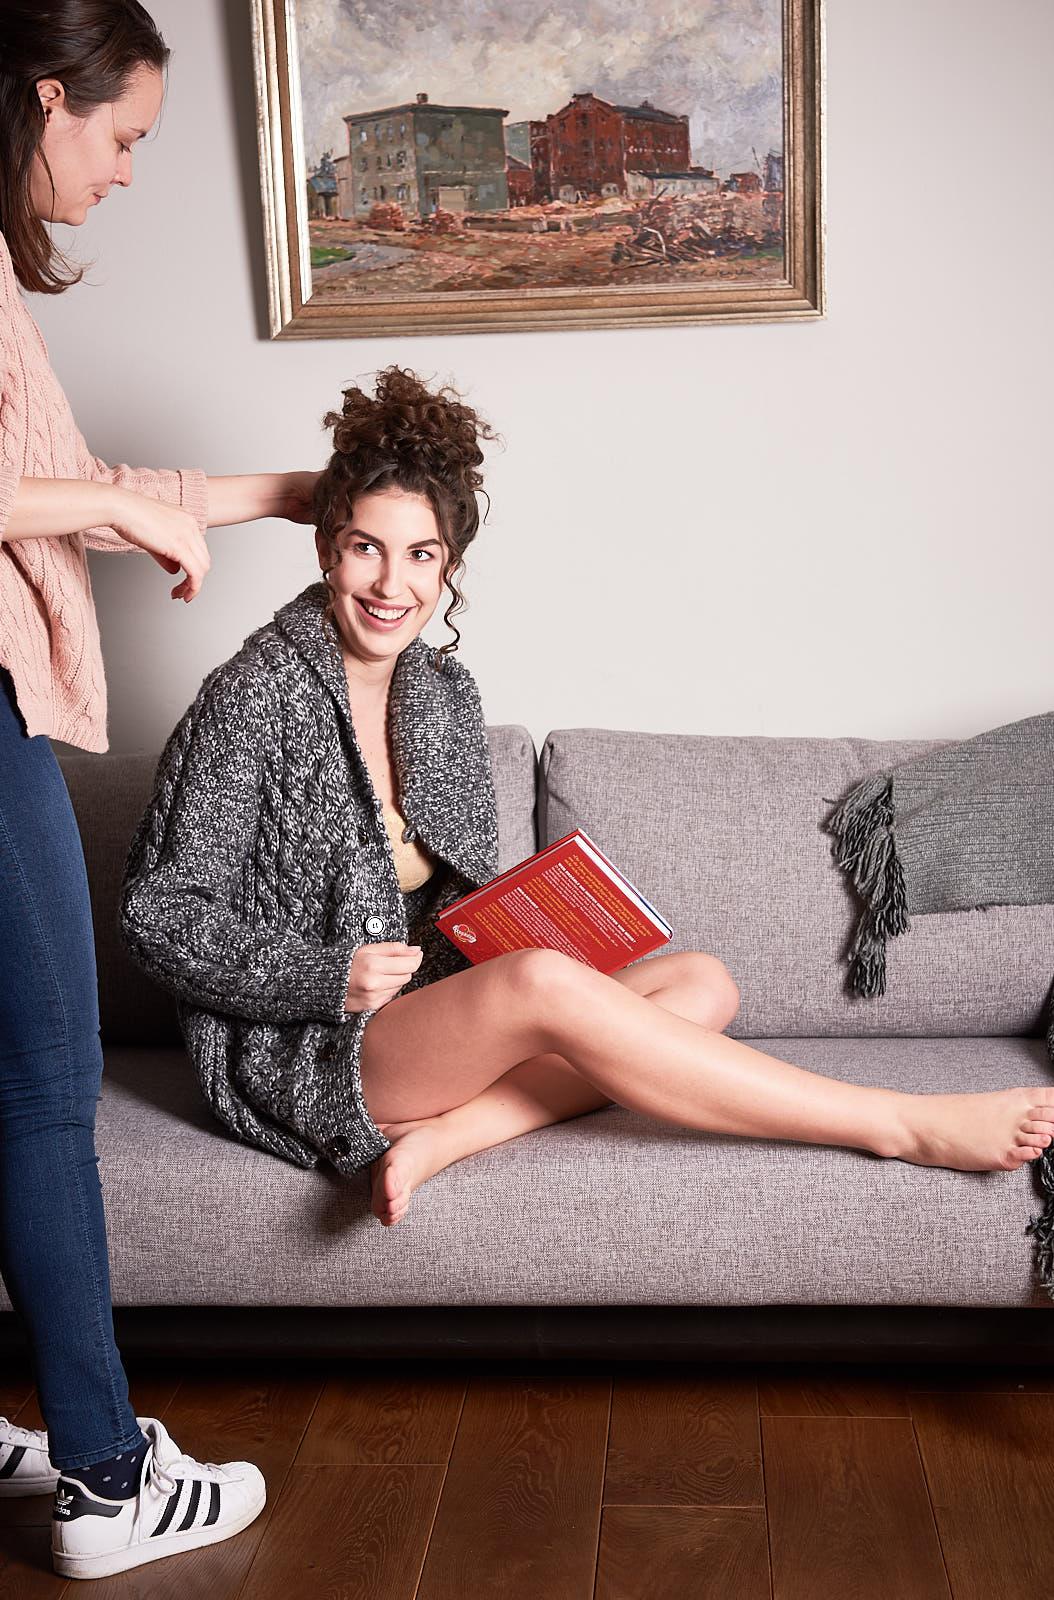 2017-11-2017-lingerie-Isabel-Felicia11114.jpg